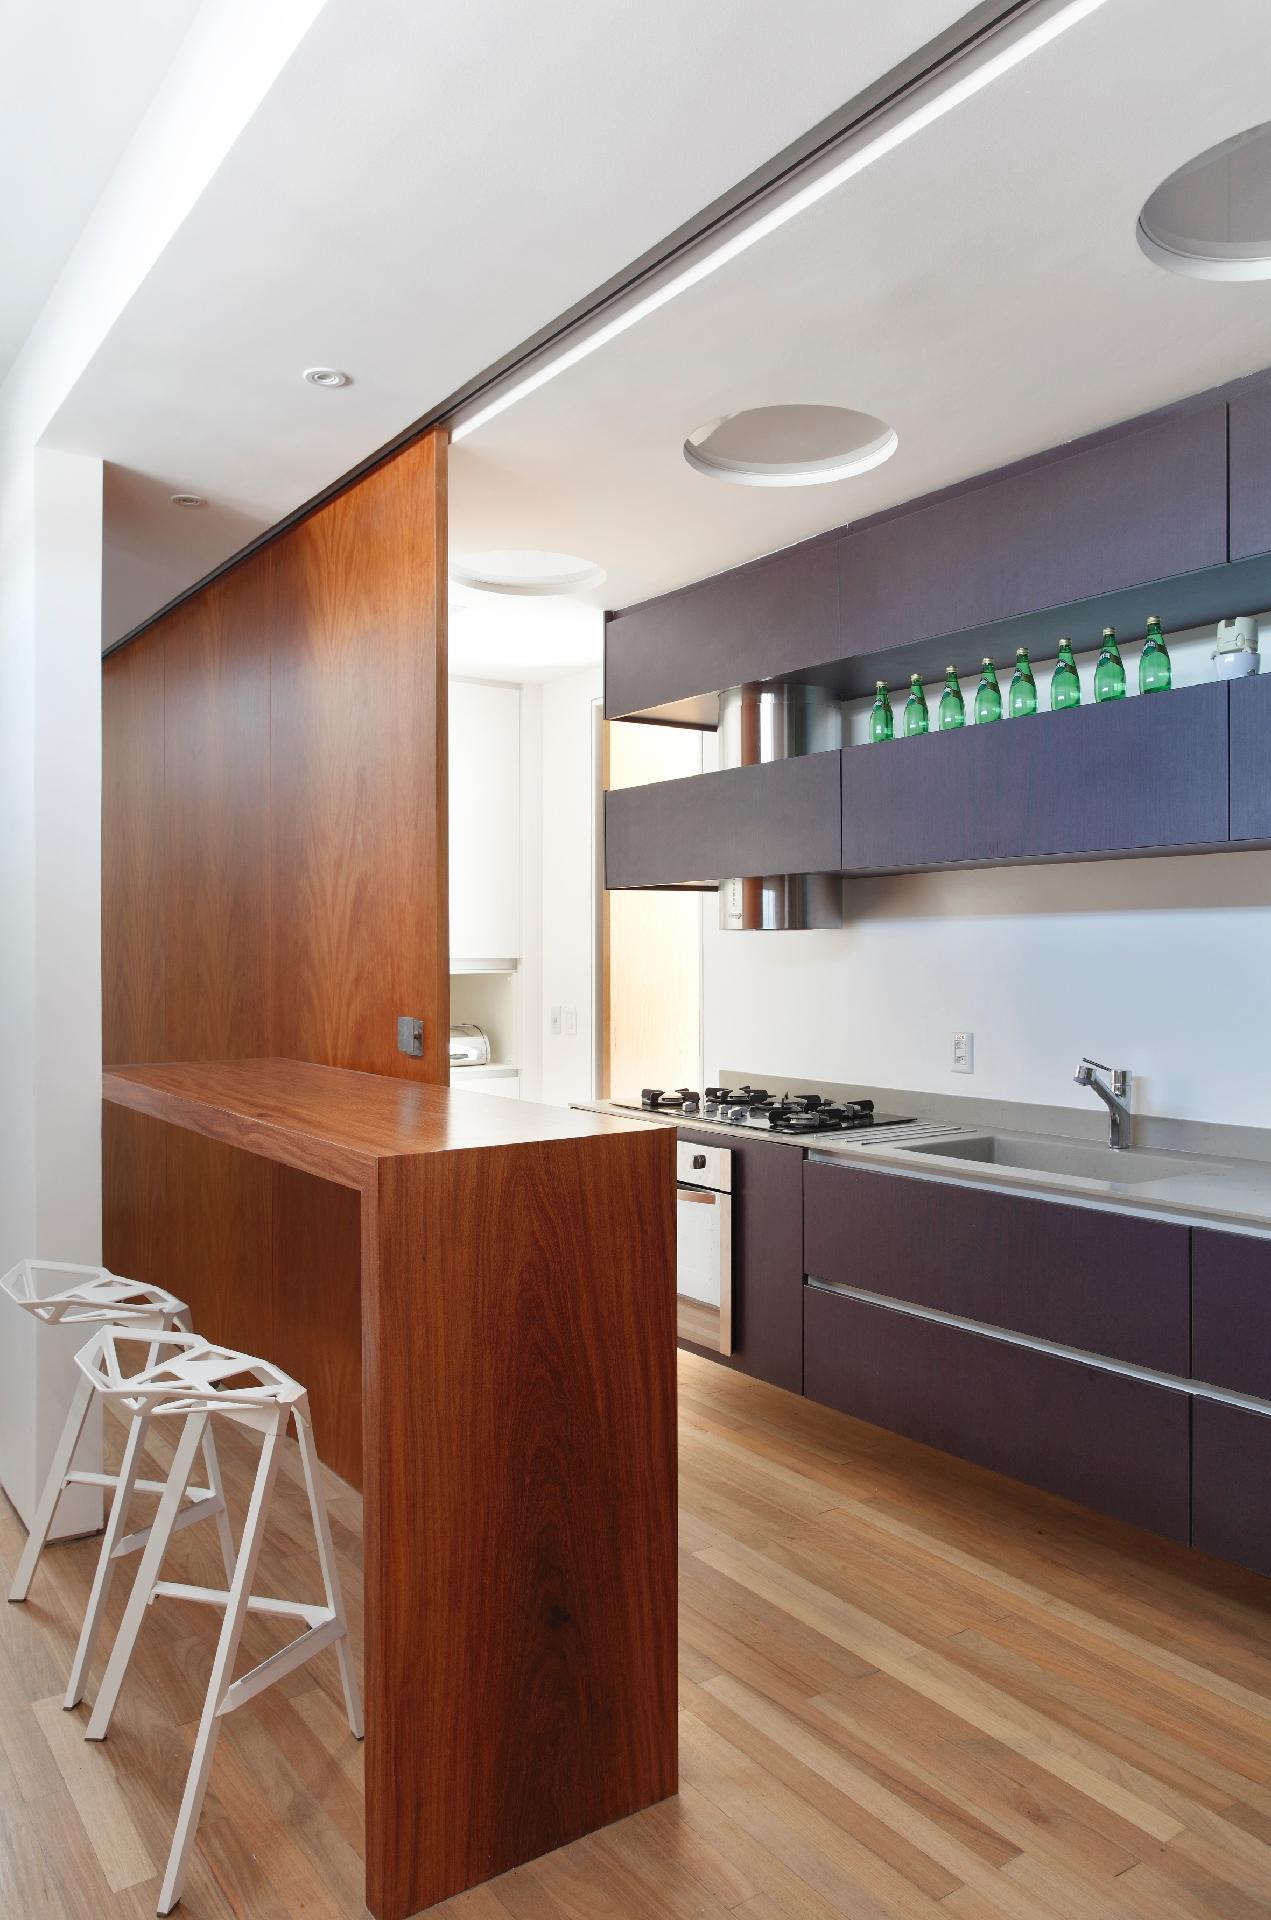 para construir ou reformar a cozinha de casa BOL Fotos BOL Fotos #6B3620 1271 1920